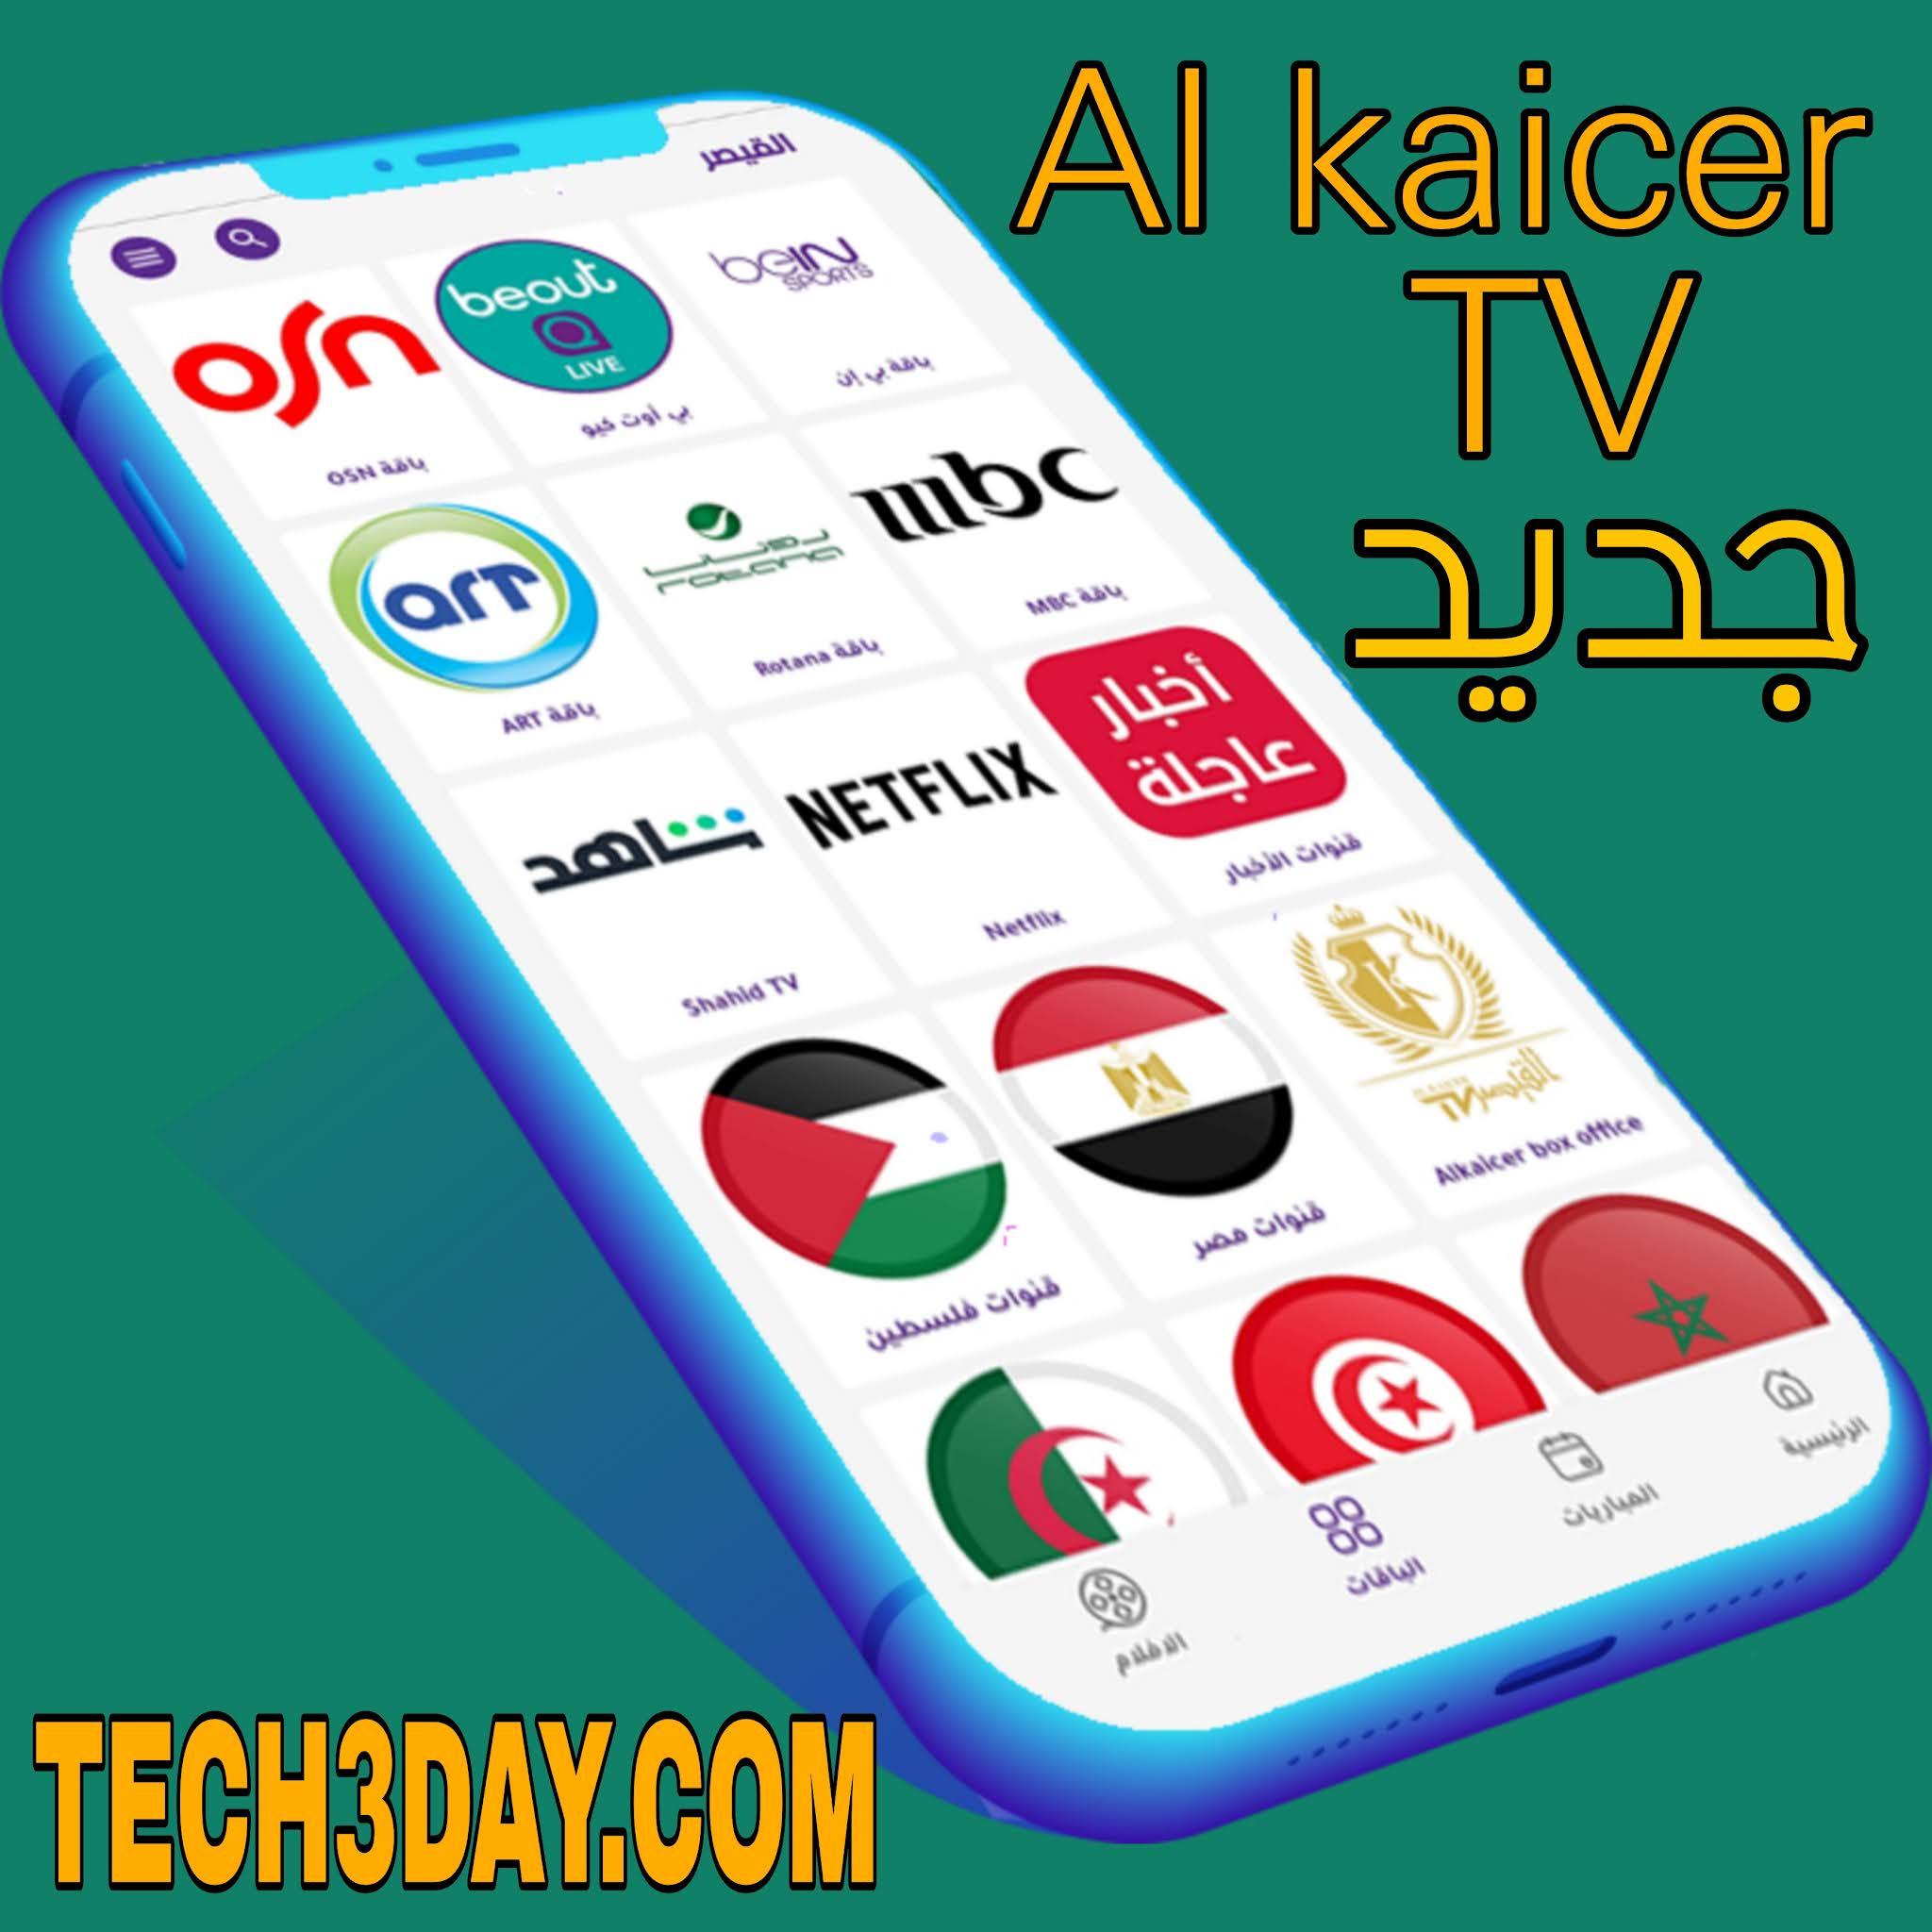 تحديث قنبلة الموسم Alkaicer TV لمشاهدة القنوات المشفرة و العالمية على هاتفك الأندرويد